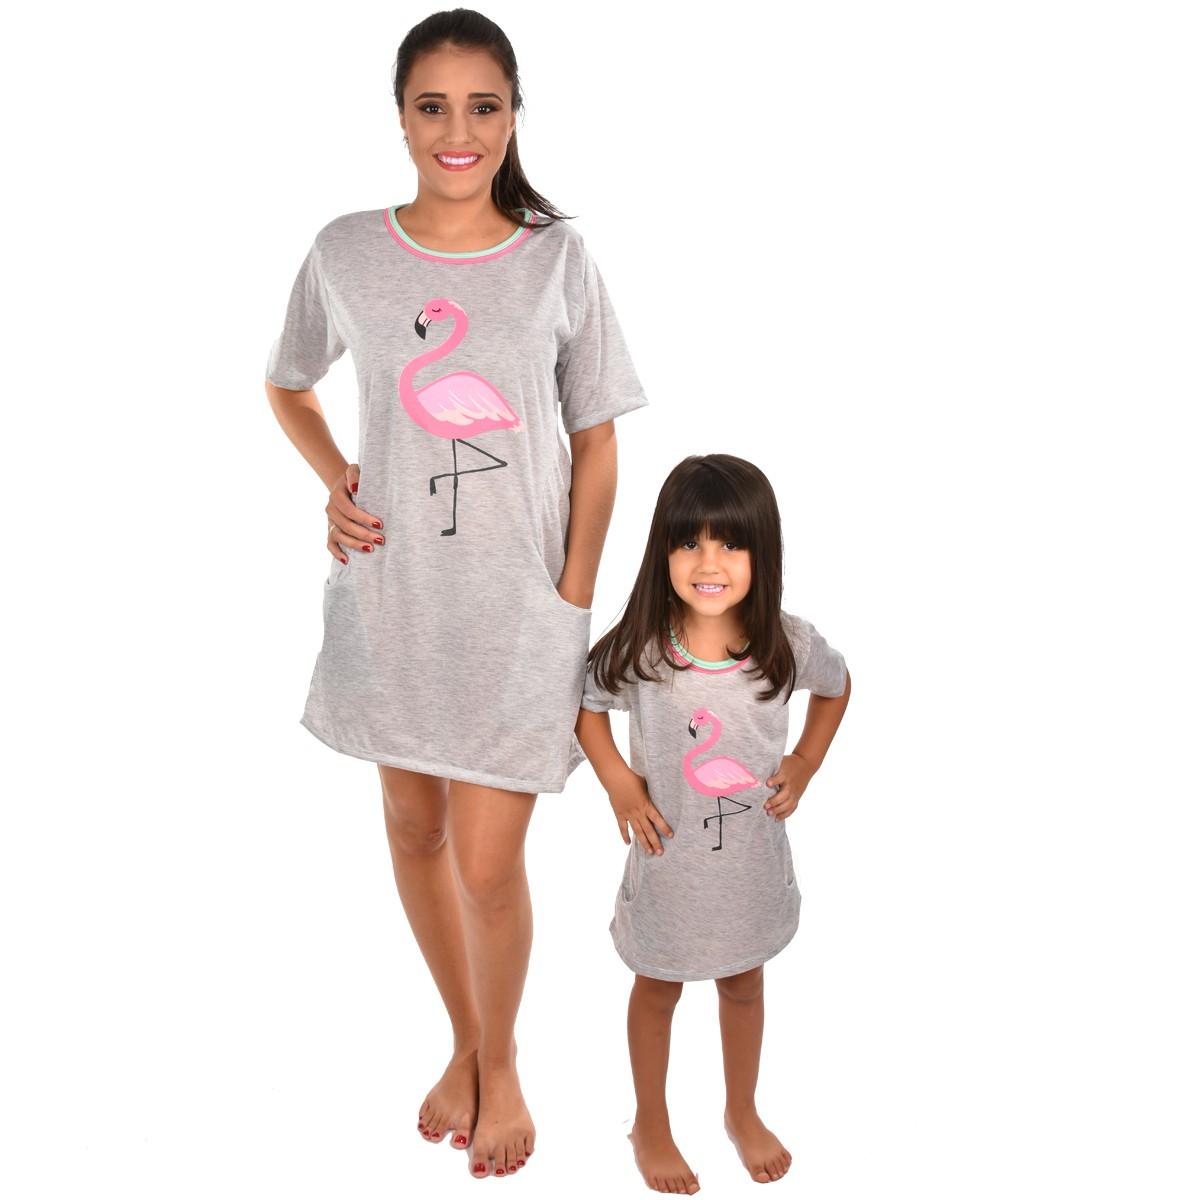 Camisola Camisão Meia Manga Infantil Feminino Flamingo Mãe e Filha 366